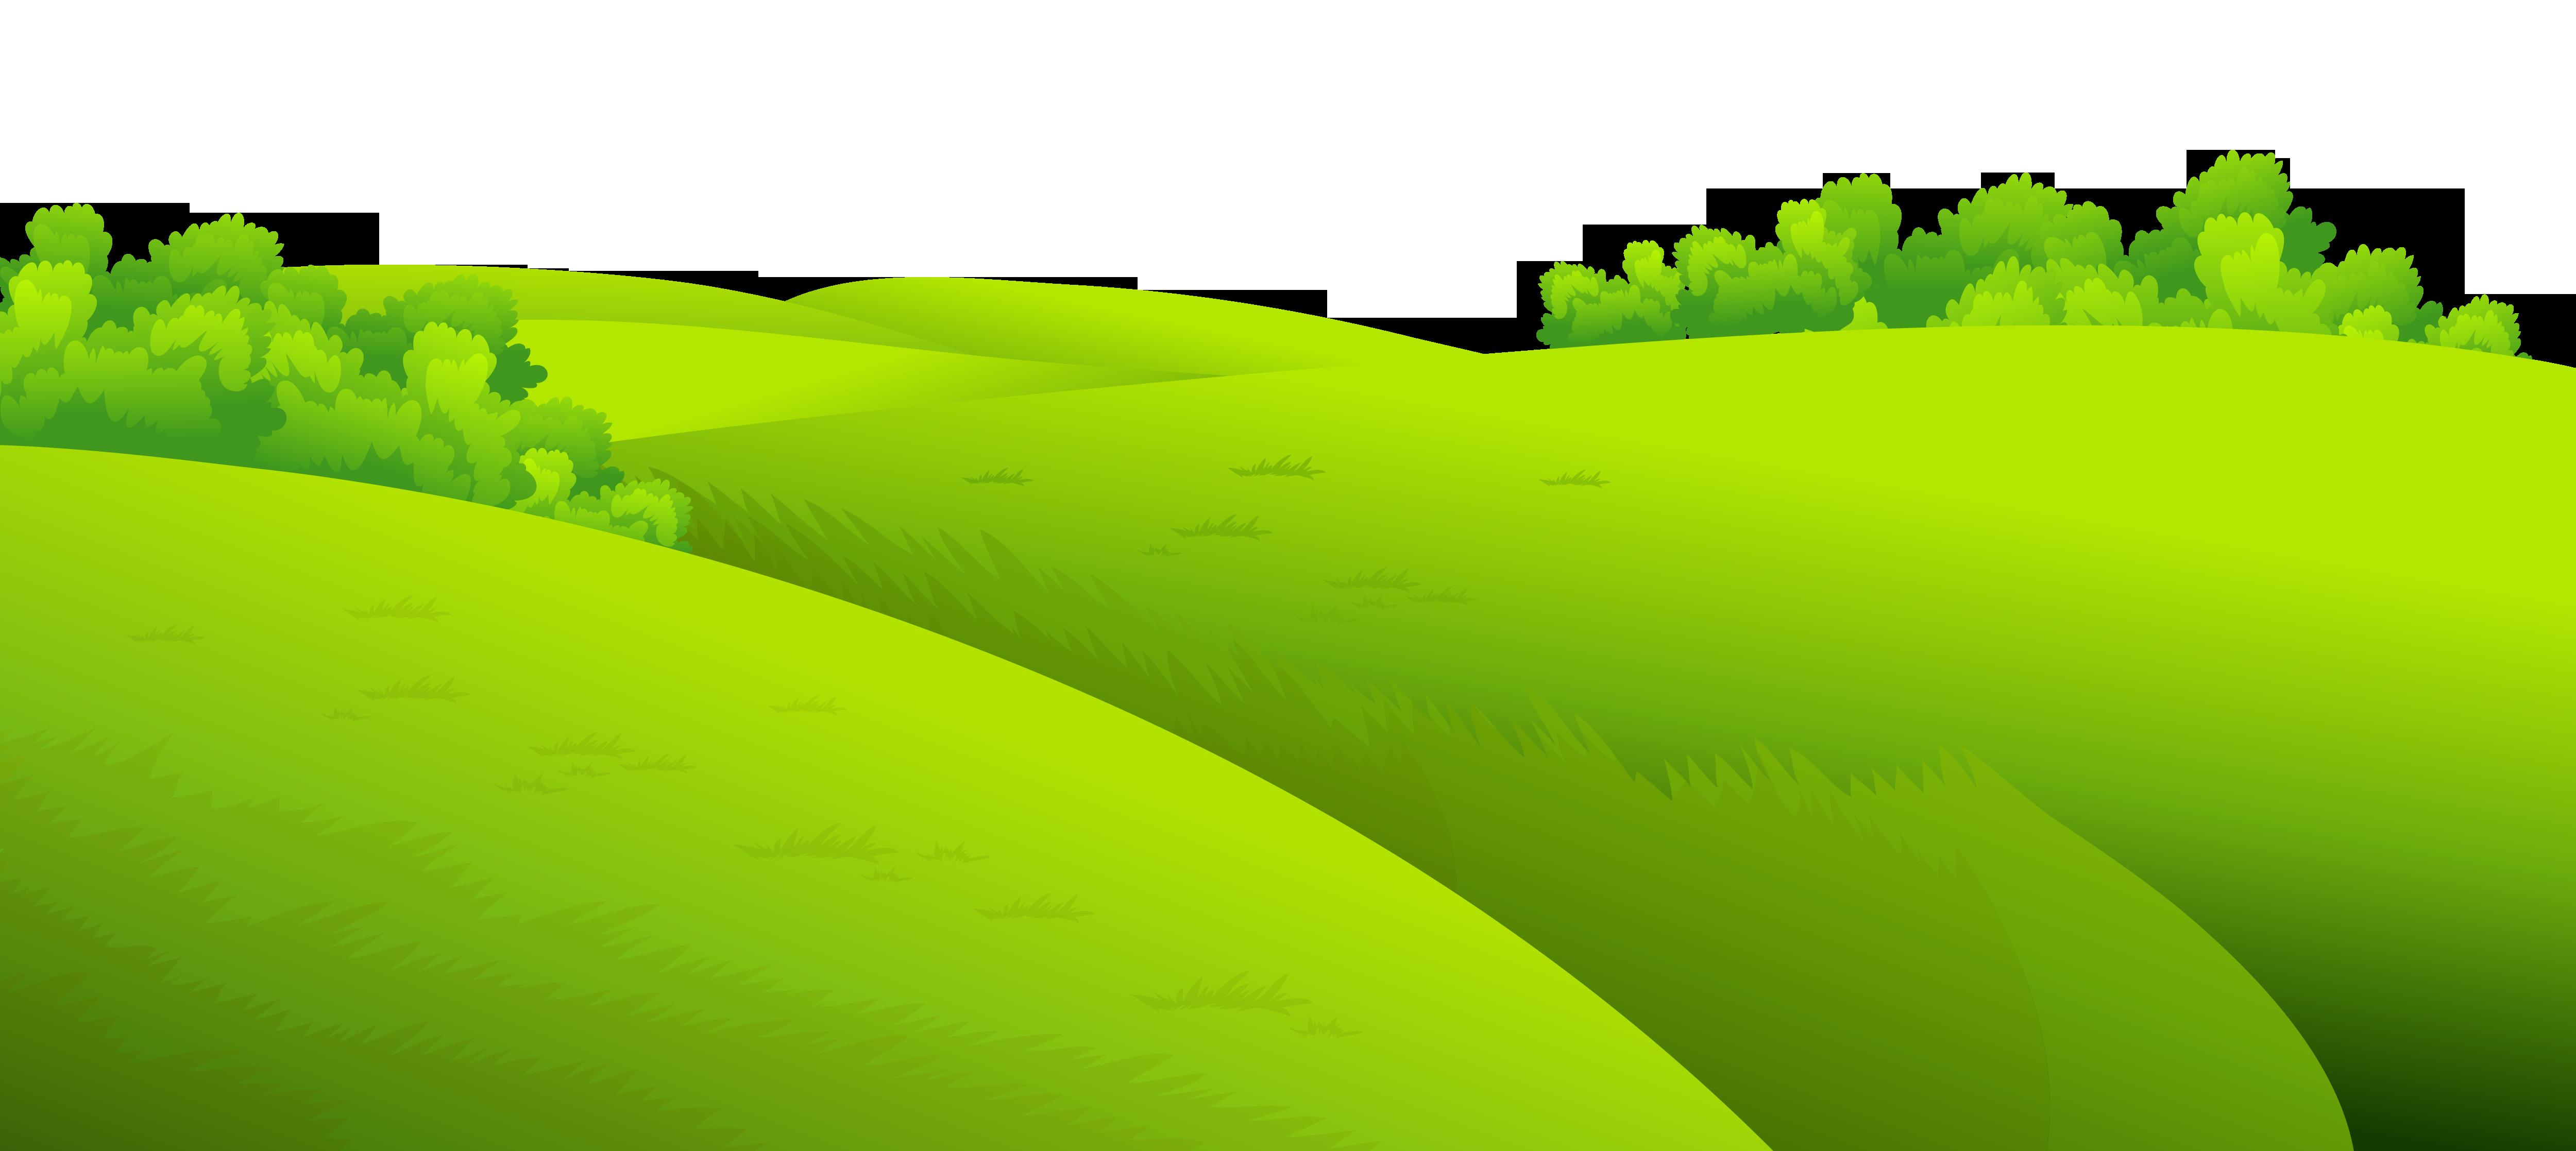 Green grass clipart.